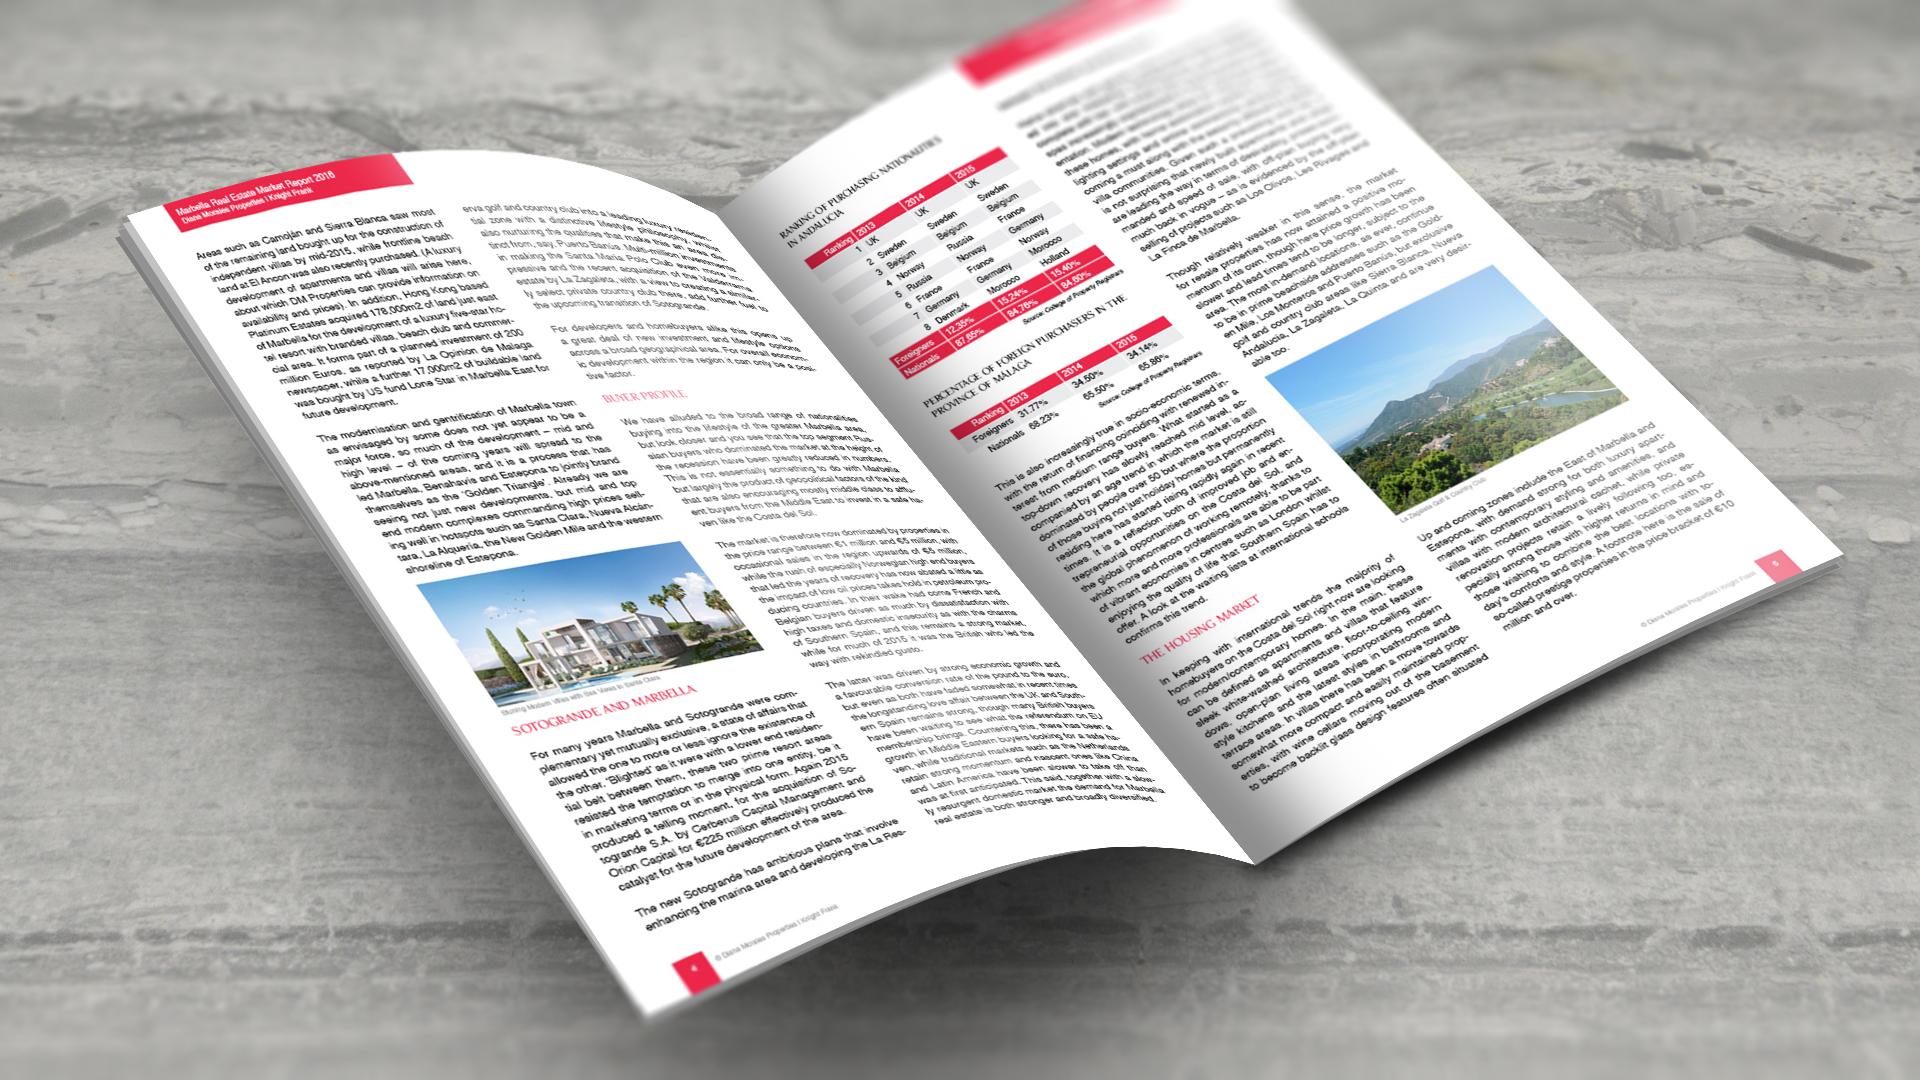 Rapport sur le marché immobilier à Marbella 2016